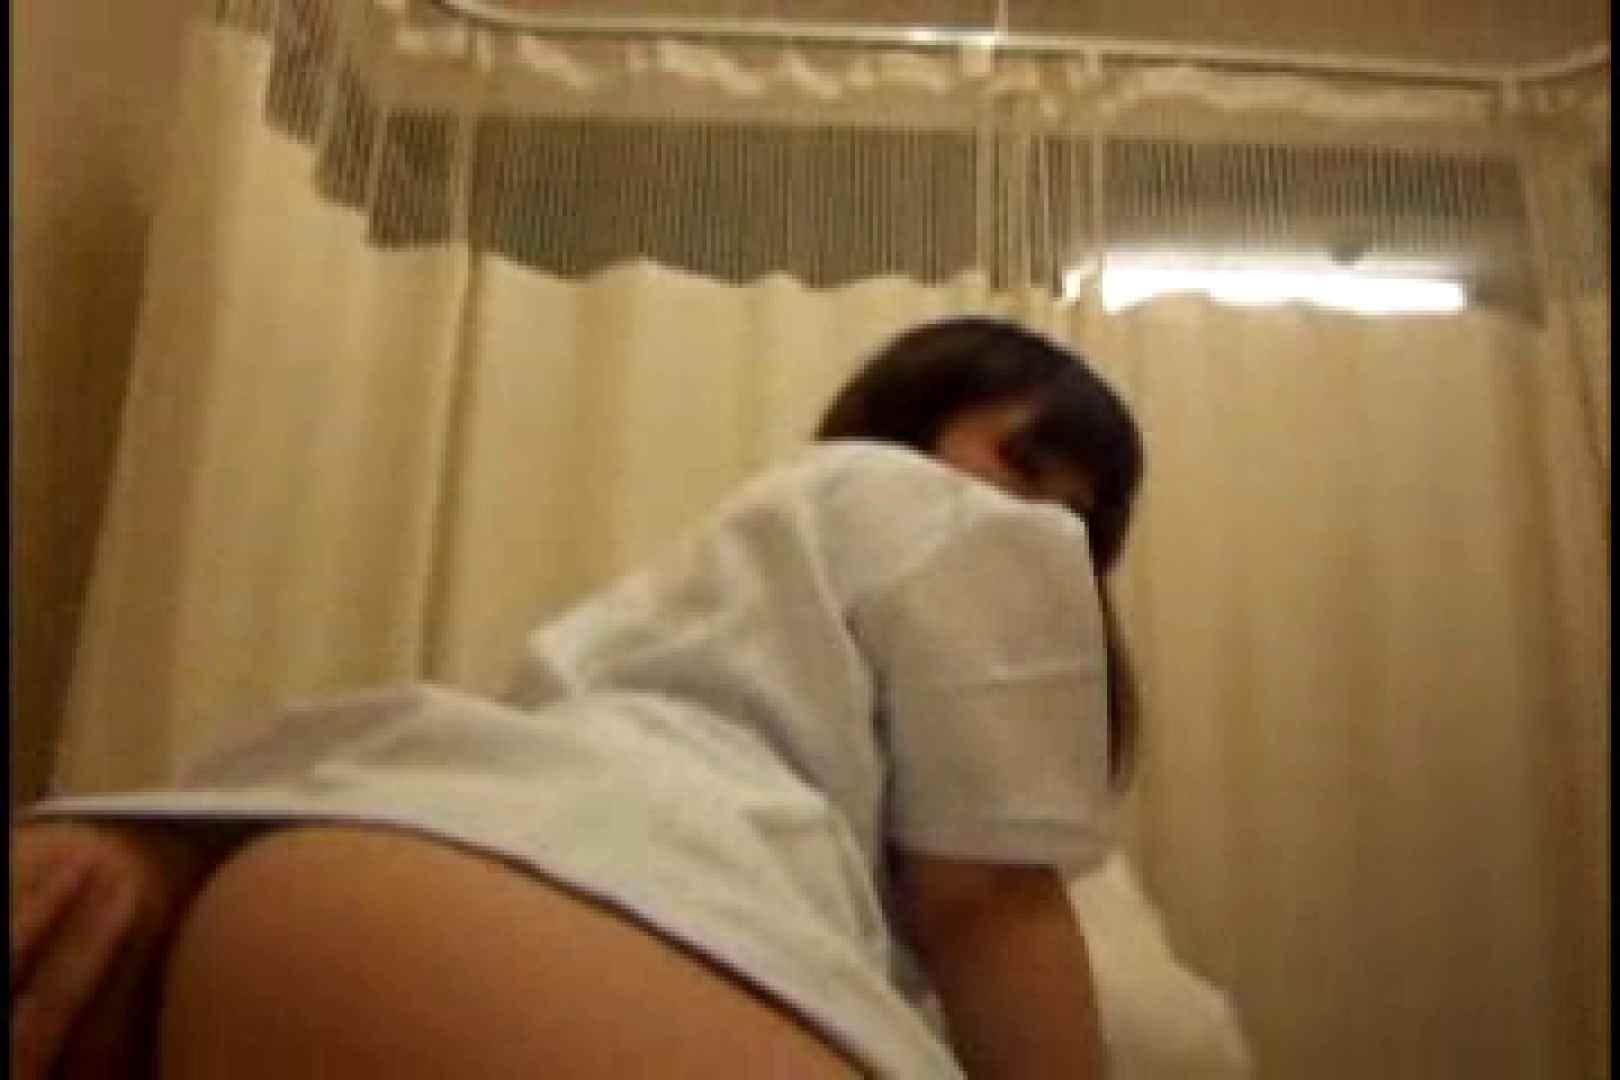 ヤリマンと呼ばれた看護士さんvol2 一般投稿  65pic 60